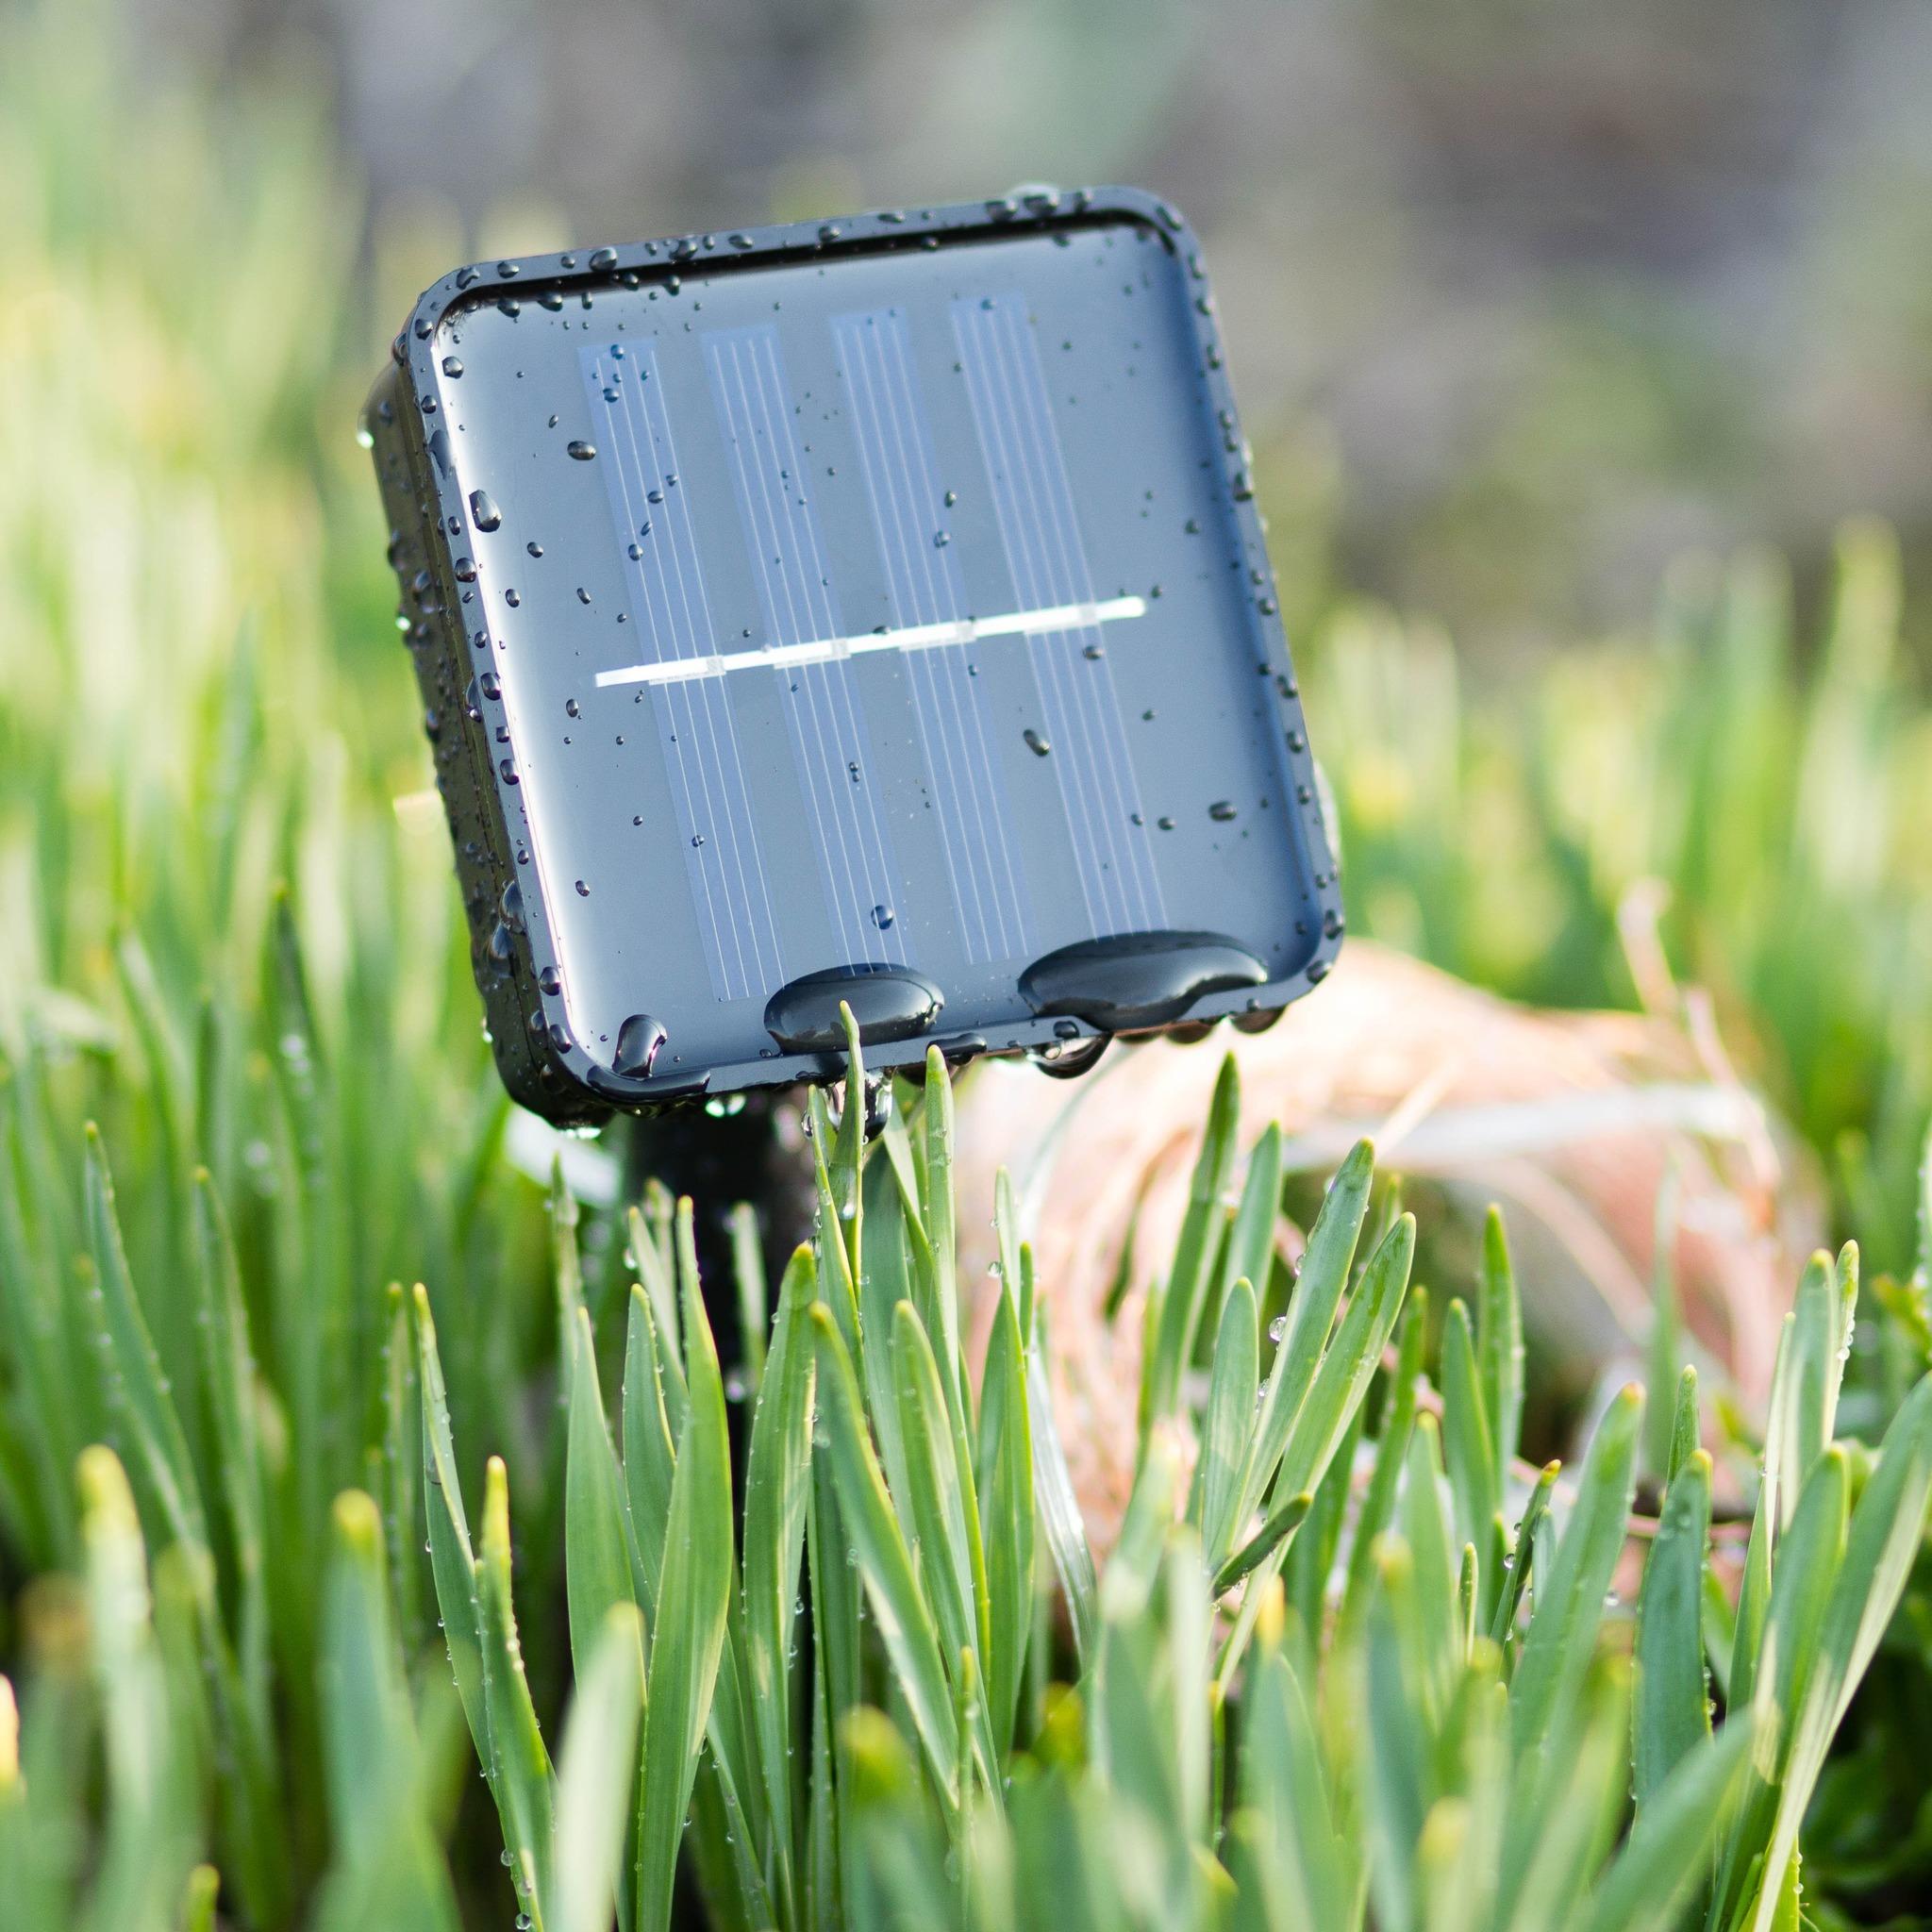 Гирлянда-нить на солнечной батарее EPECOLED холодный белый (10 метров, 100LED)